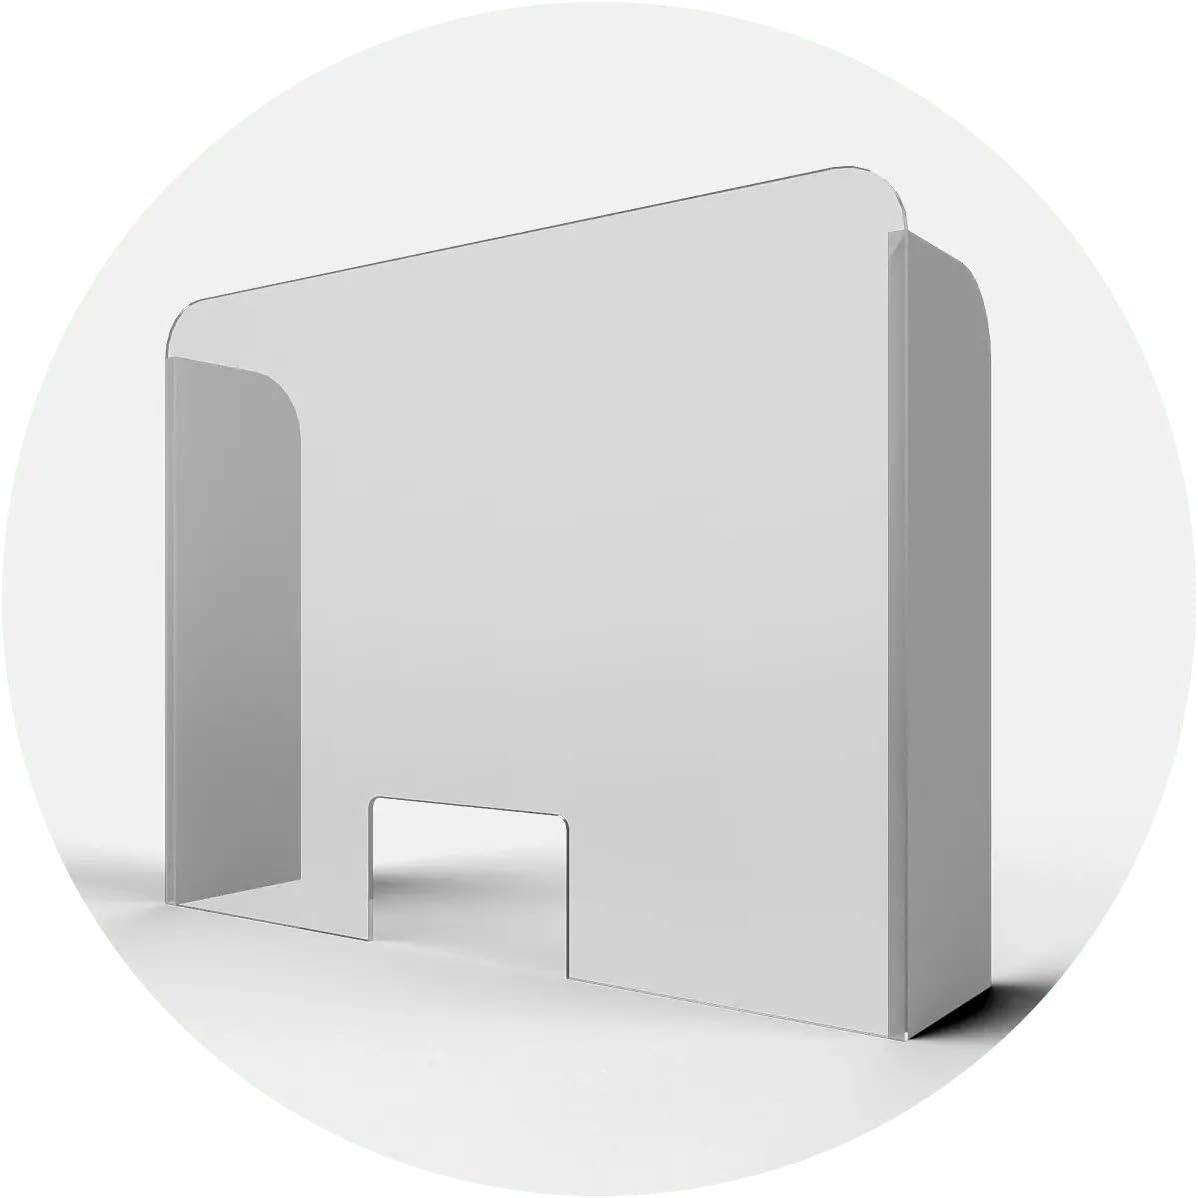 Mampara Protectora de Metacrilato Transparente Laterales PVC para Mostrador o Escritorio en oficinas, tiendas, recepción, supermercados, farmacias, comercios, colegios (60x60 cm, Abertura 25x15 cm): Amazon.es: Bricolaje y herramientas